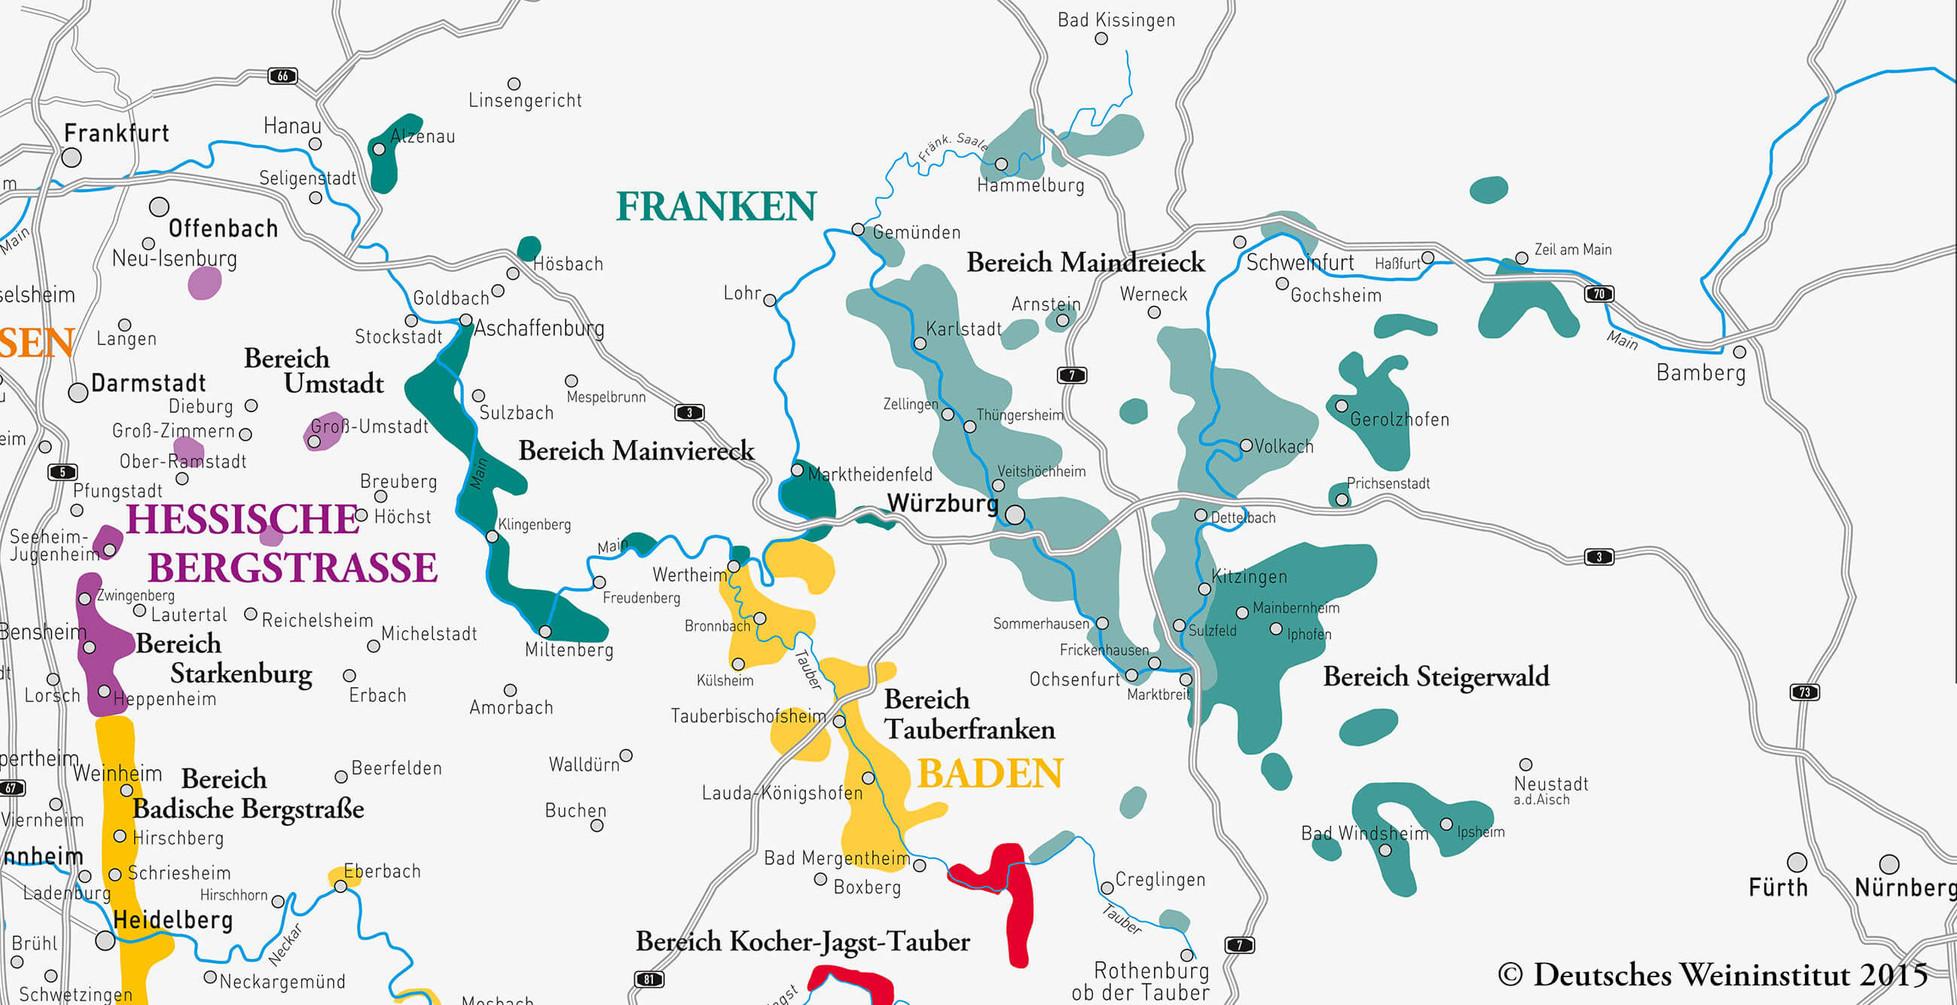 Deutscher Wein aus Franken und dem Anbaugebiet Hessische Bergstrasse